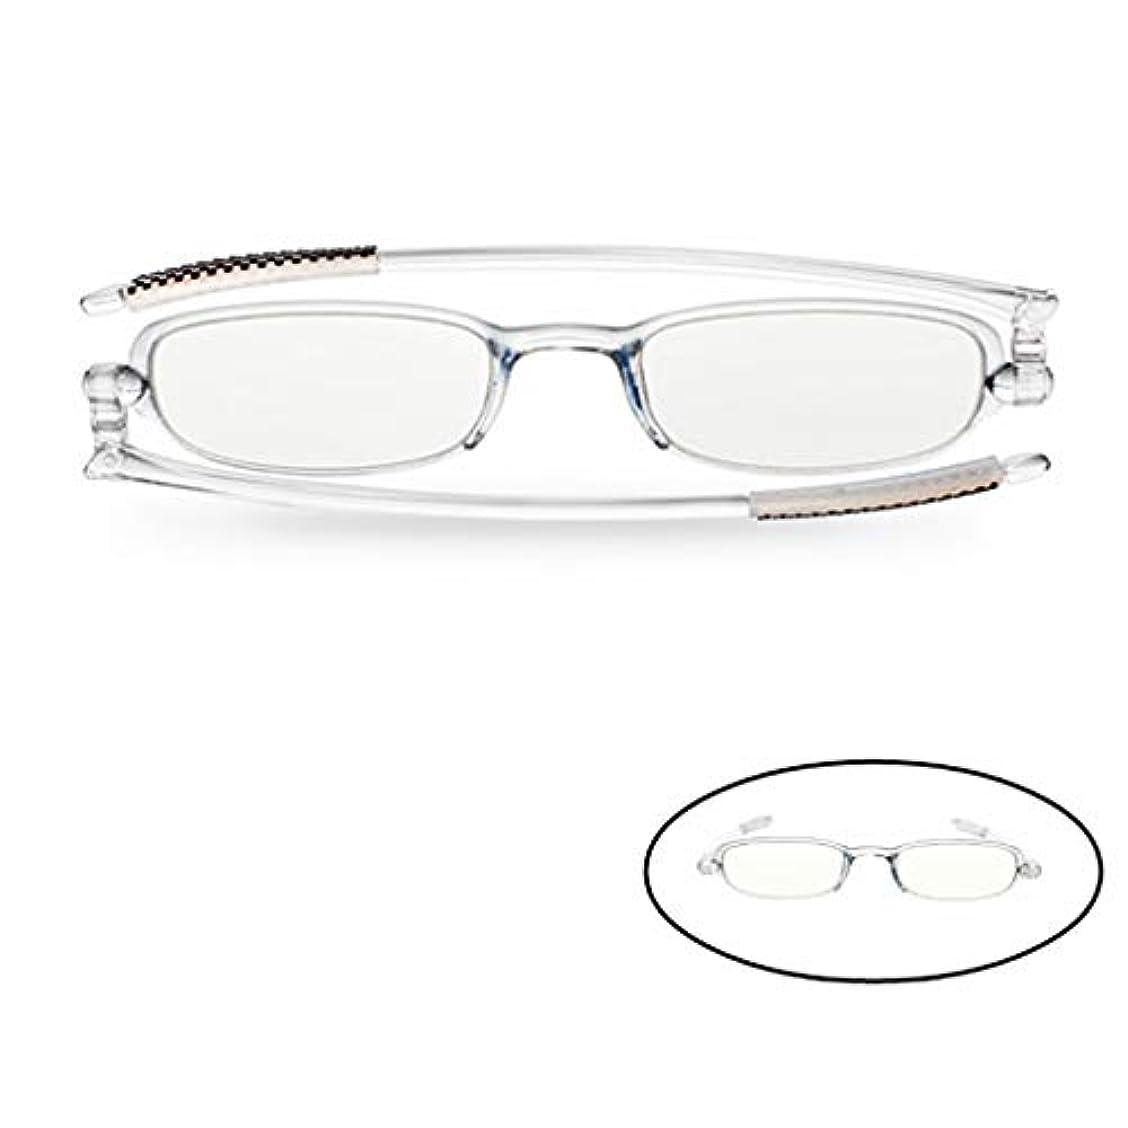 コンピュータカードリーダーの老眼鏡X1、男性と女性のアンチブルー放射線、春の蝶番ポータブル折りたたみ式軽量読書用メガネ(360°回転)